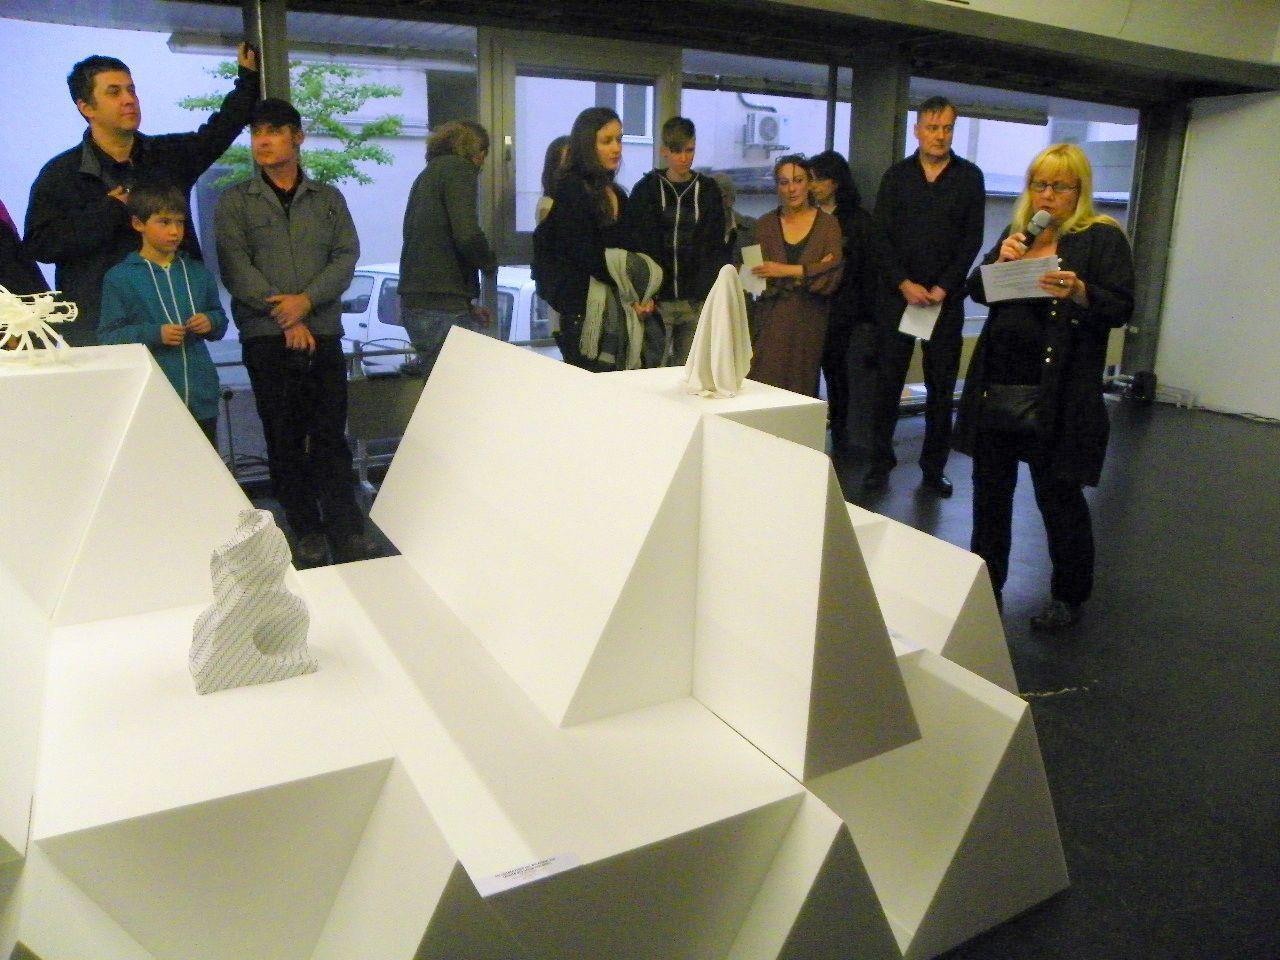 Eröffnung in der Galerie Lisi Hämmerle